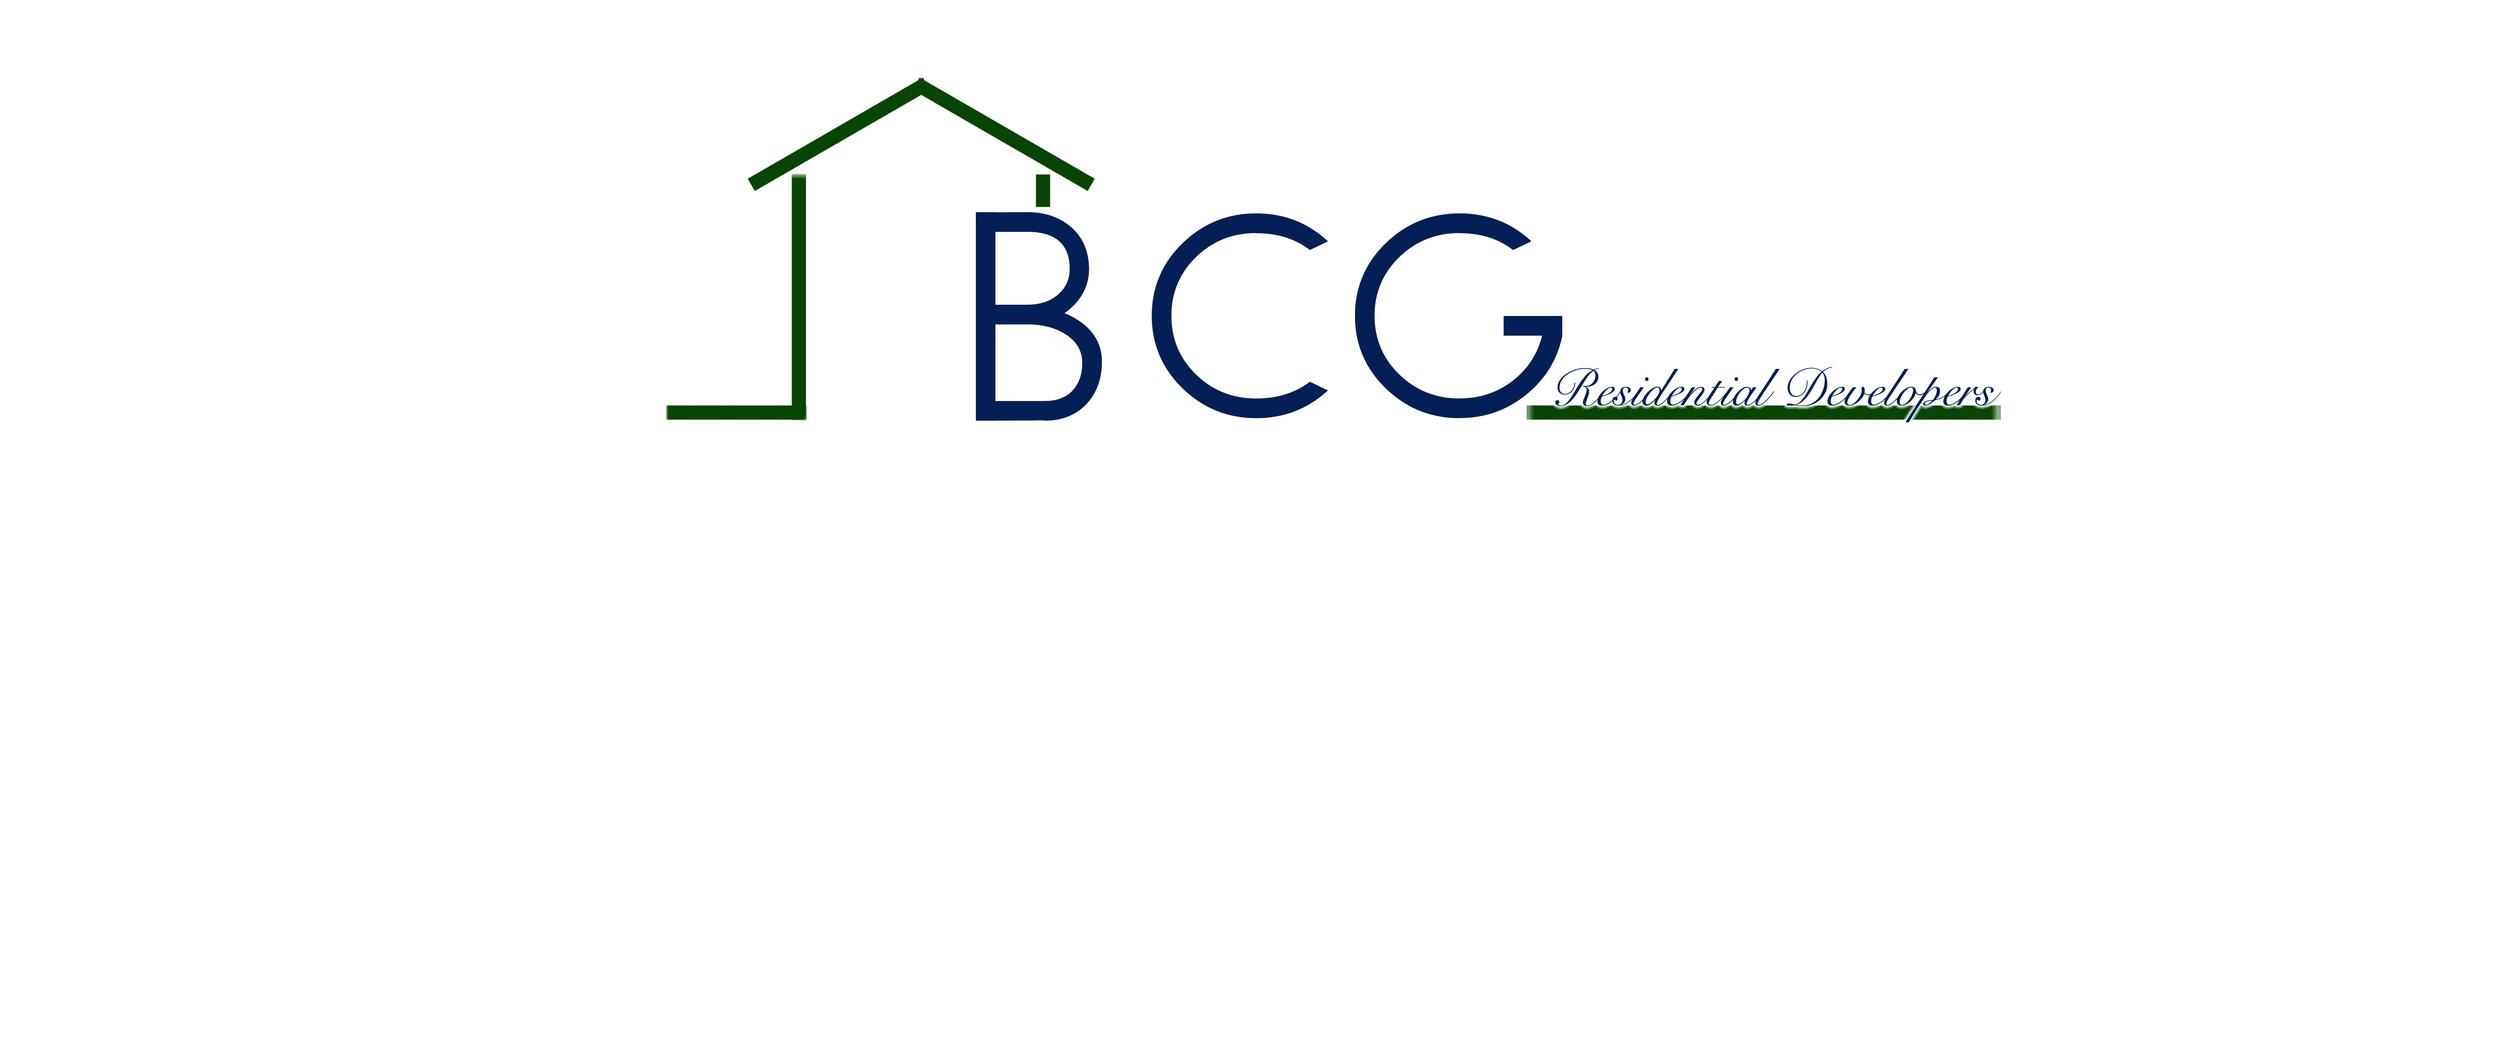 B.C.G. RESIDENTIAL DEVELOPERS LOGO [ALTERNATIVE]